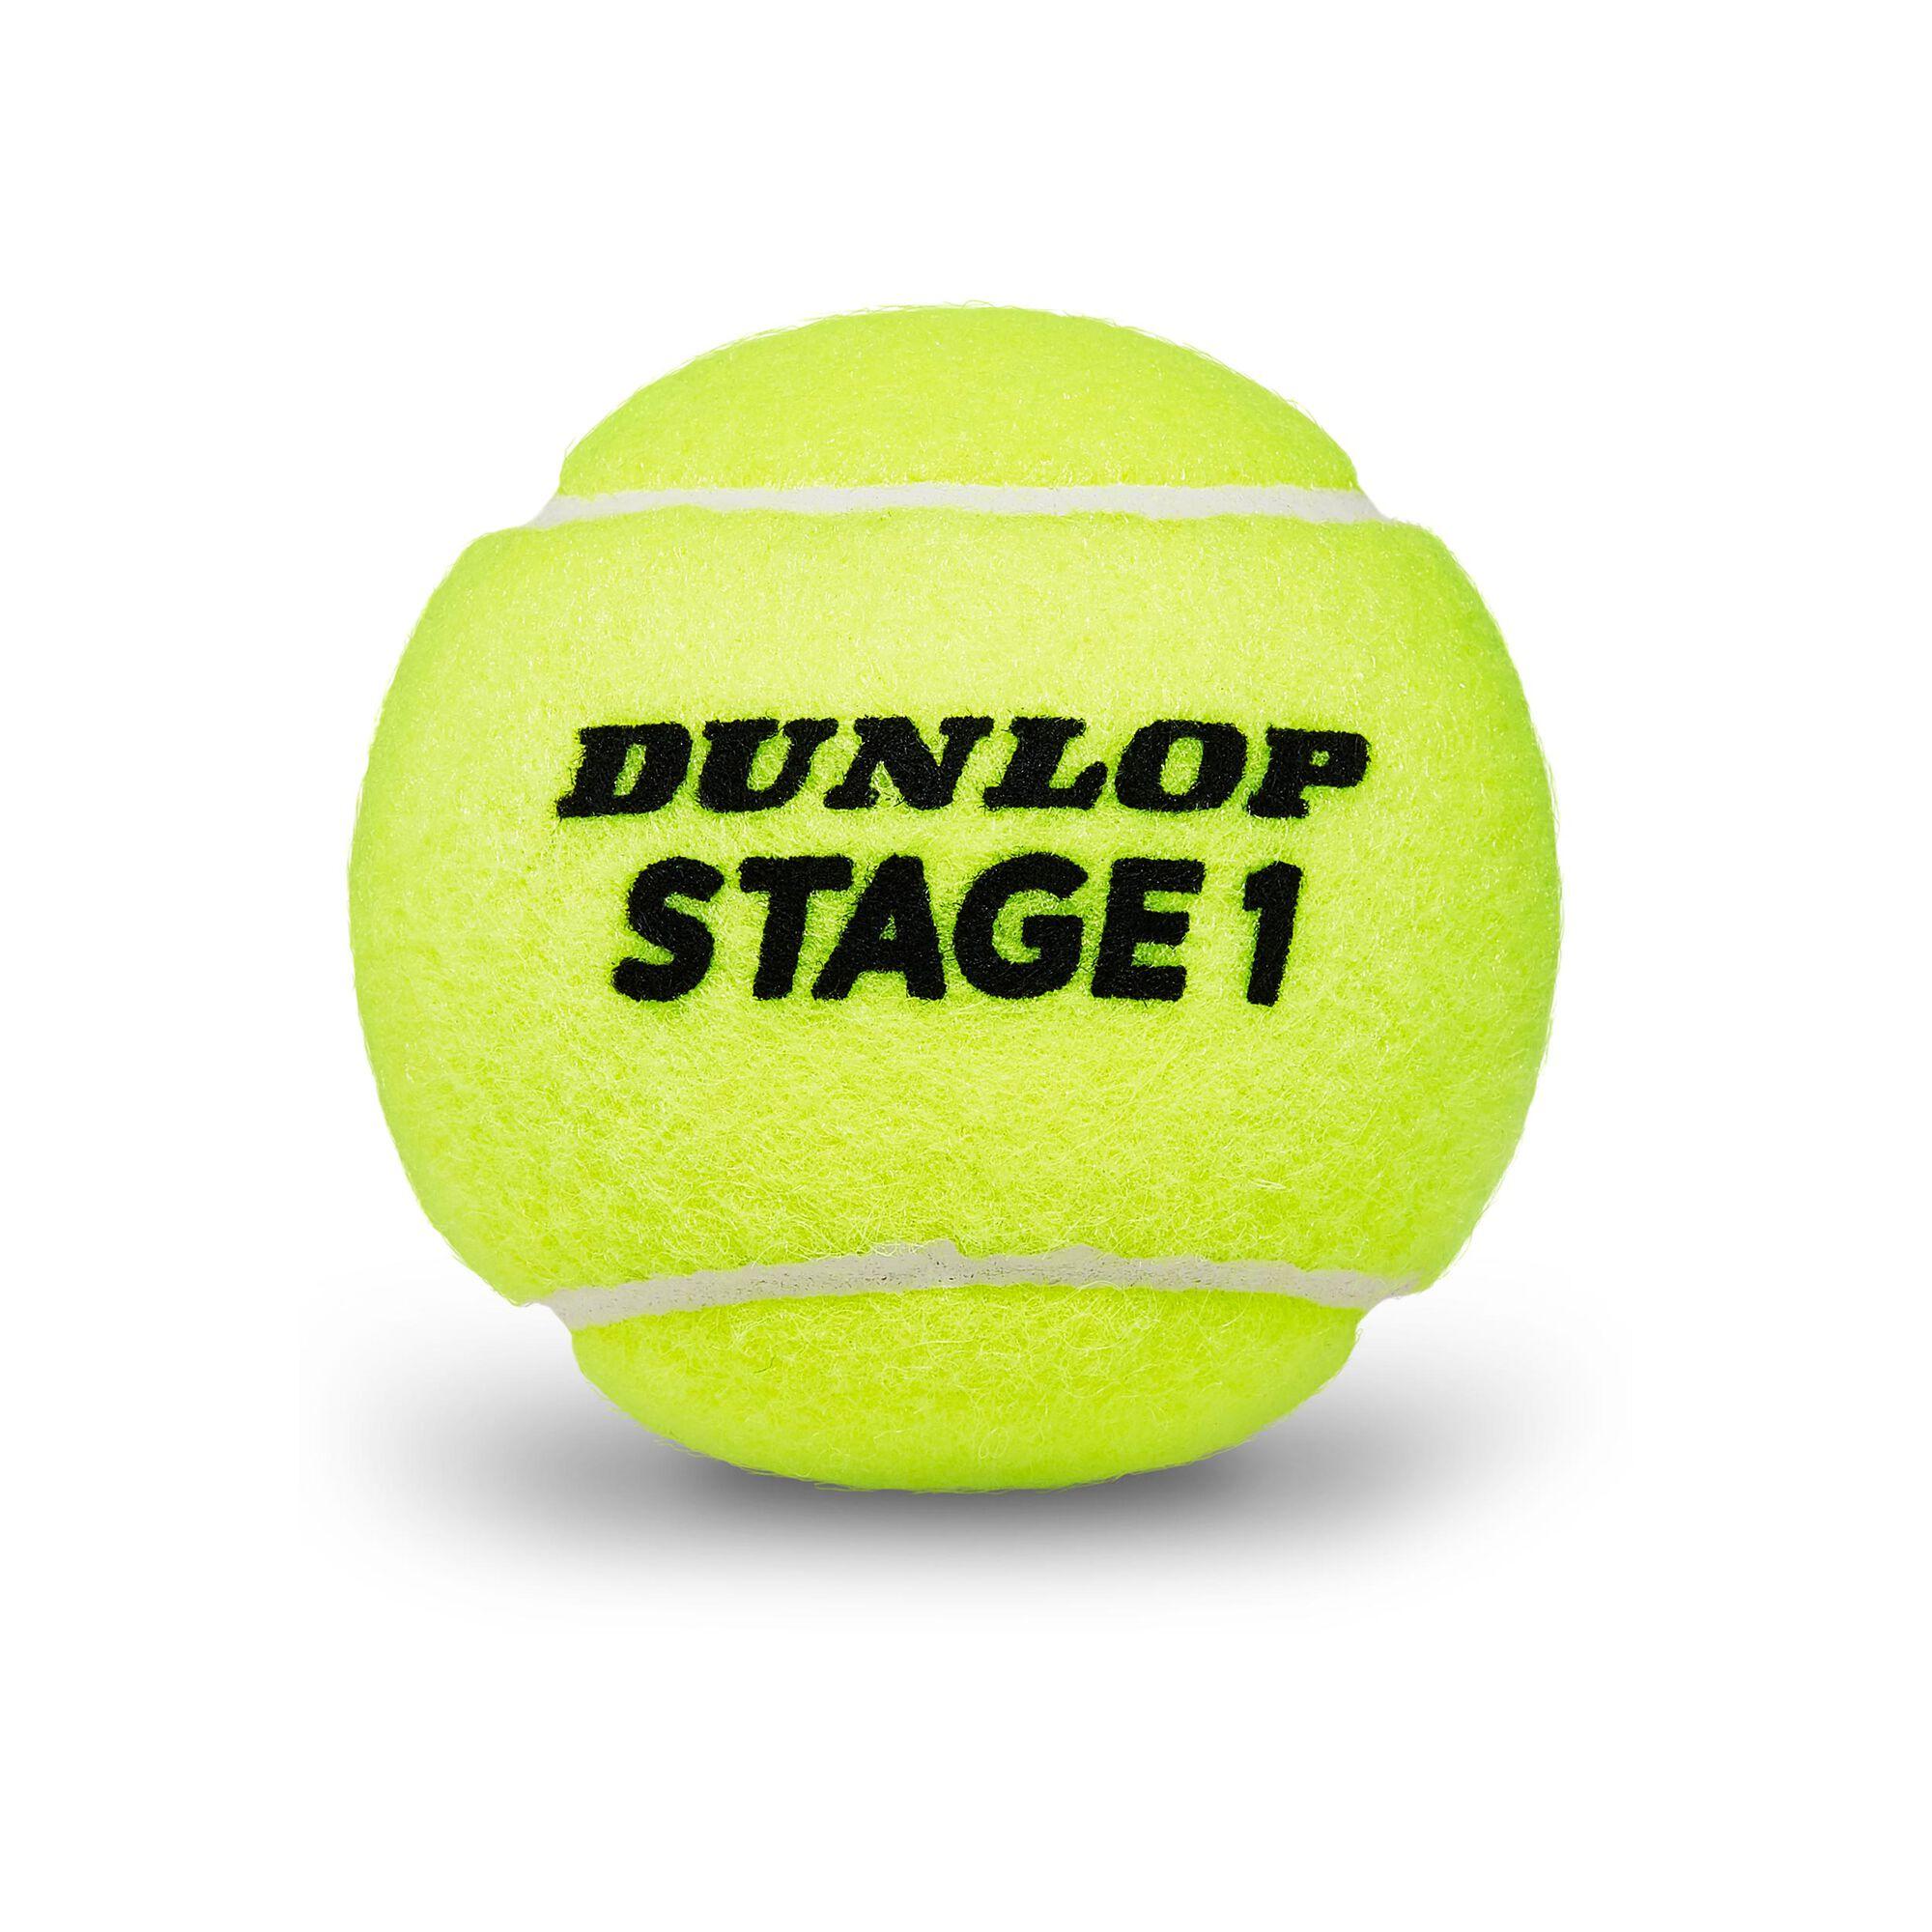 Dunlop Mini Tennis (Stage 1) Tube De 3 acheter en ligne   Tennis-Point